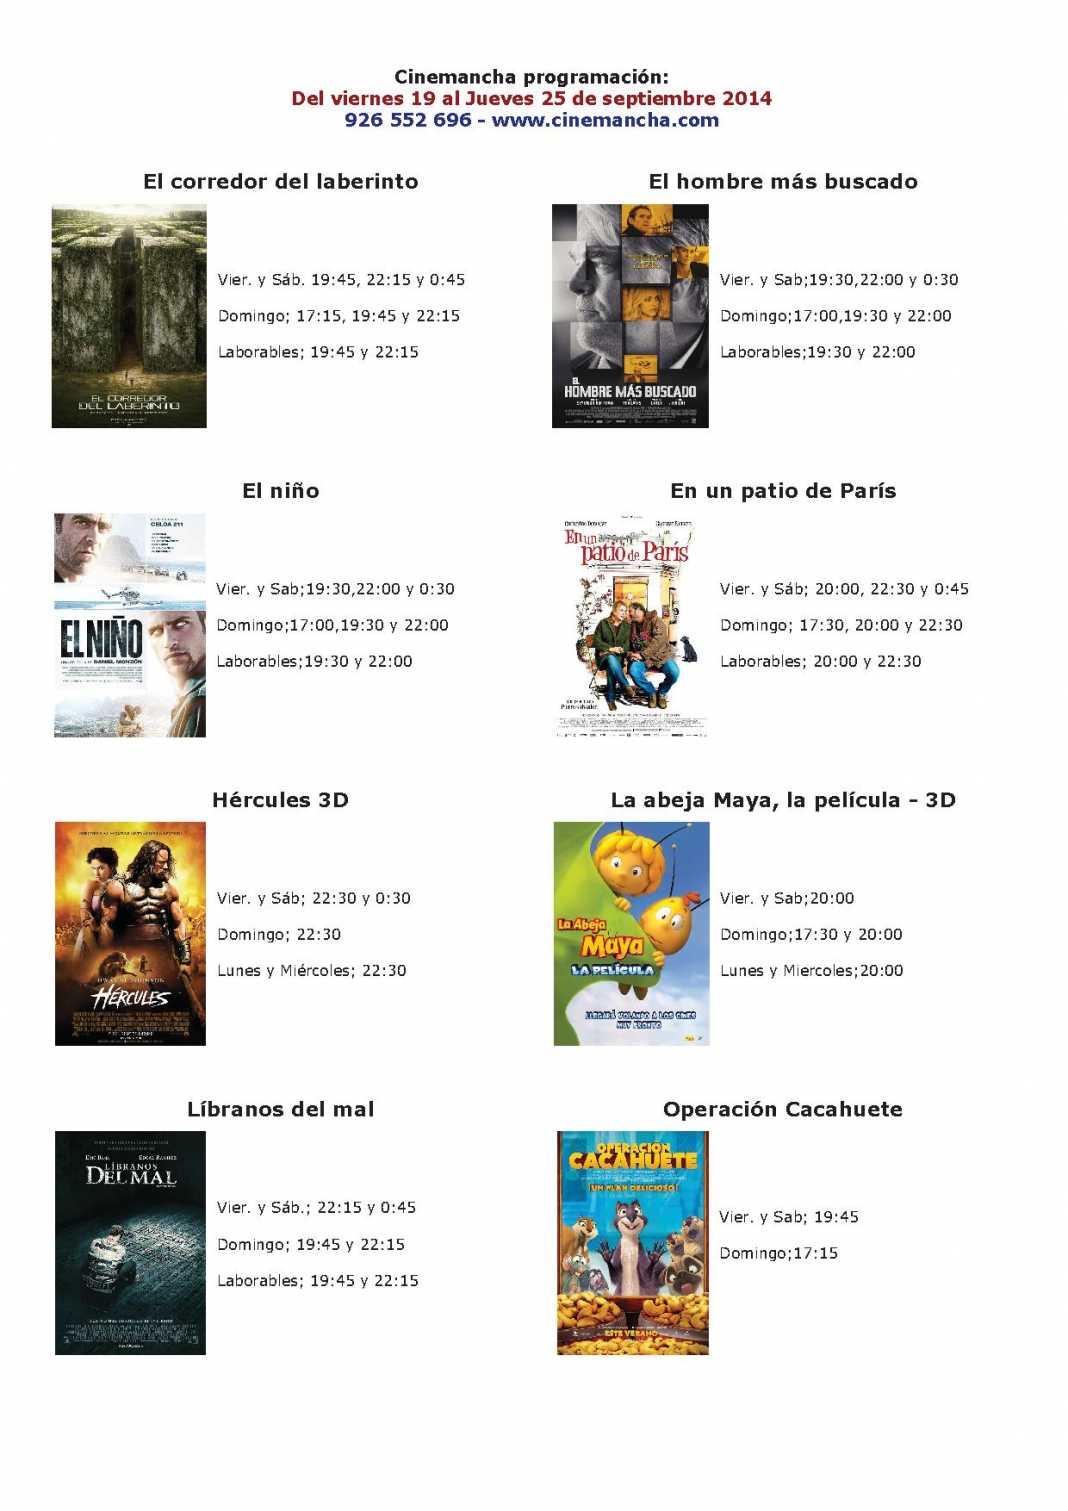 CARTELERA DE MULTICINES CINEMANCHA DEL 19 AL 25 DE SEPTIEMBRE 1068x1511 - Cinemancha programación: Del viernes 19 al Jueves 25 de septiembre 20